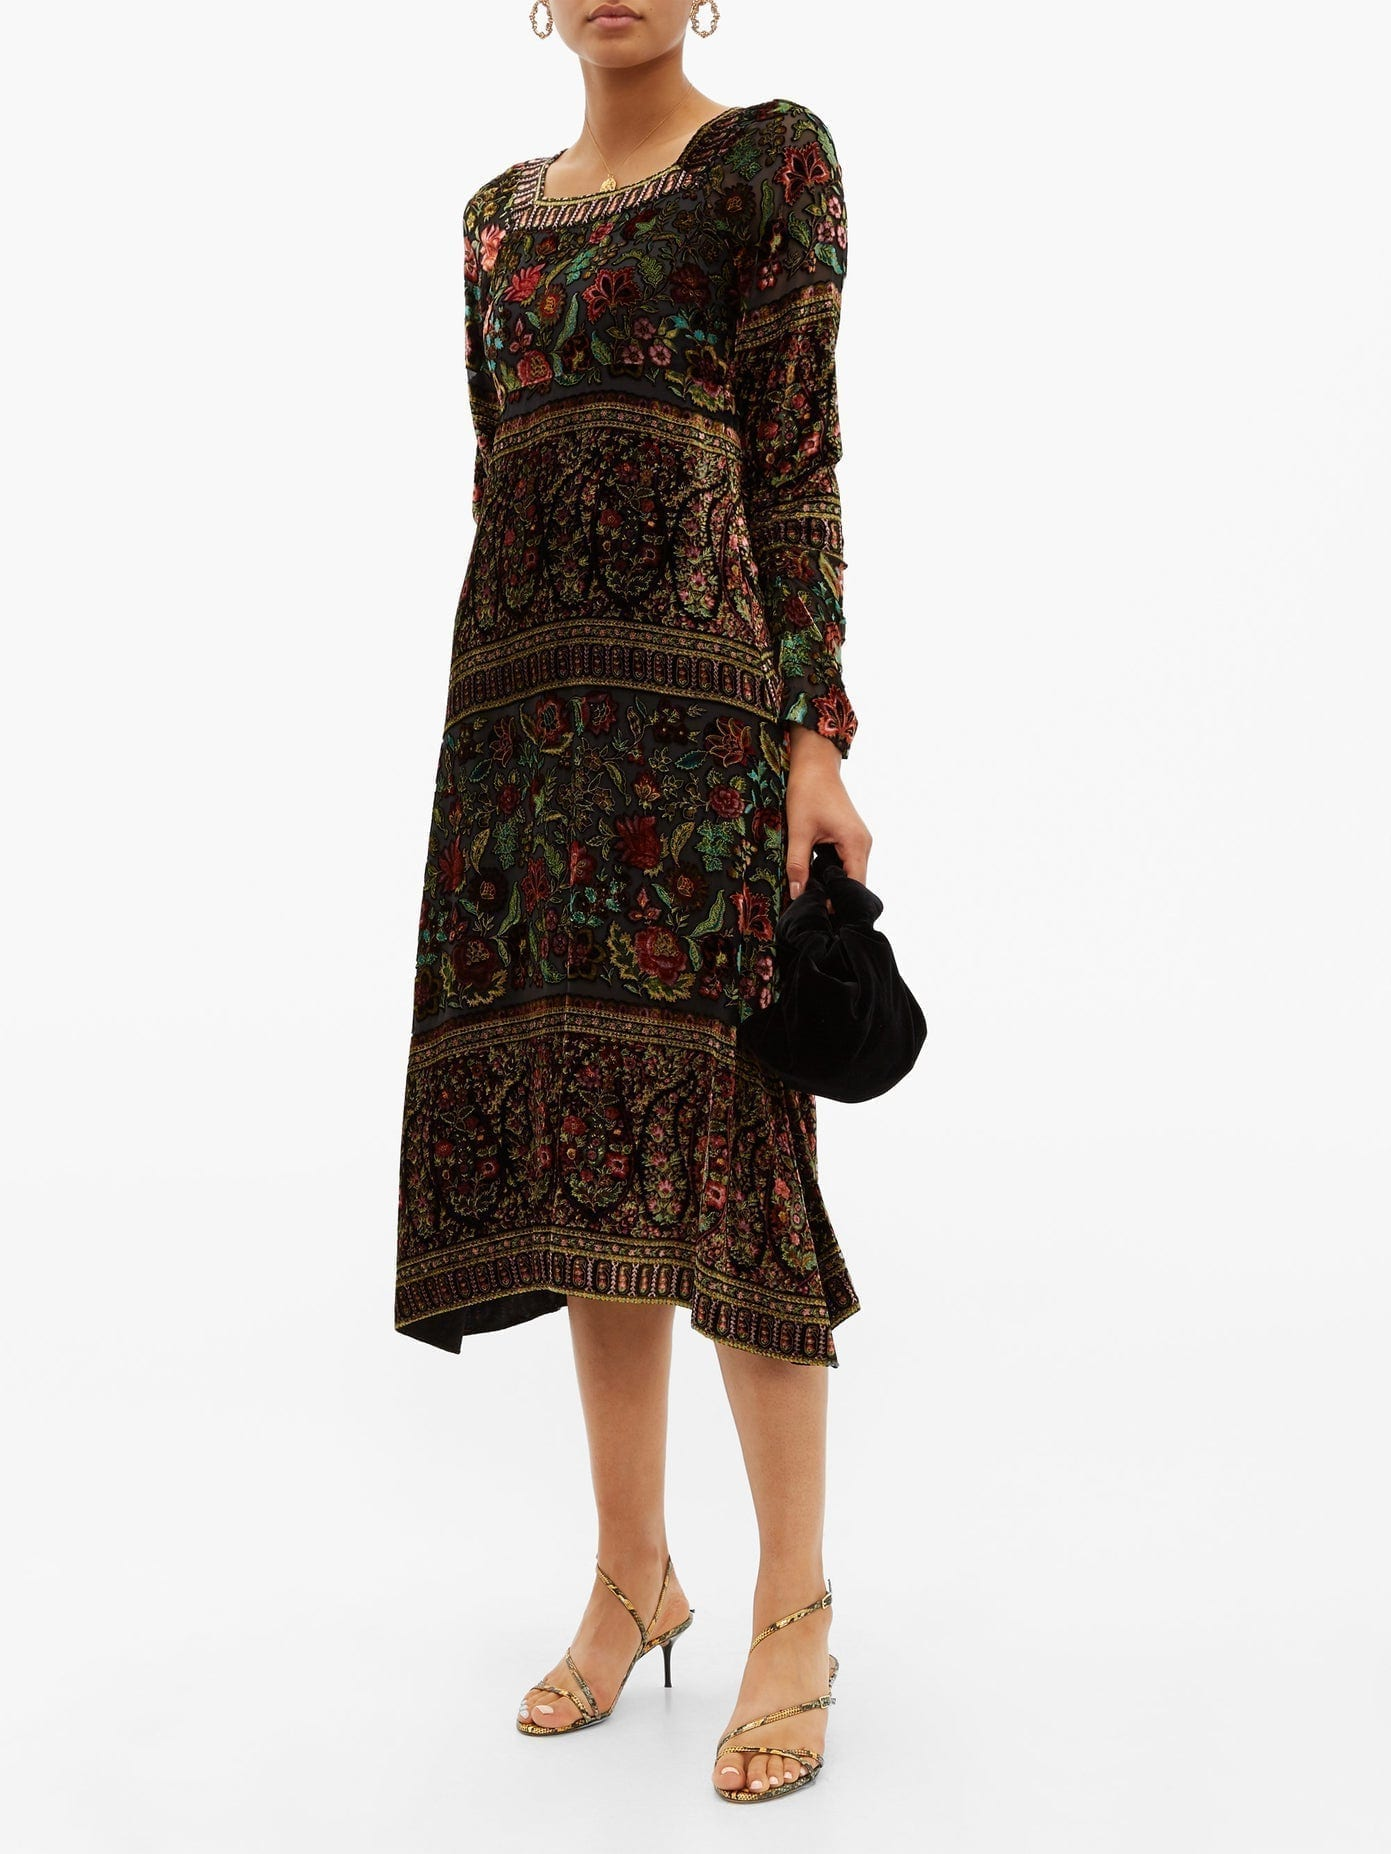 ETRO Bedfordshire Floral-Devoré Dress